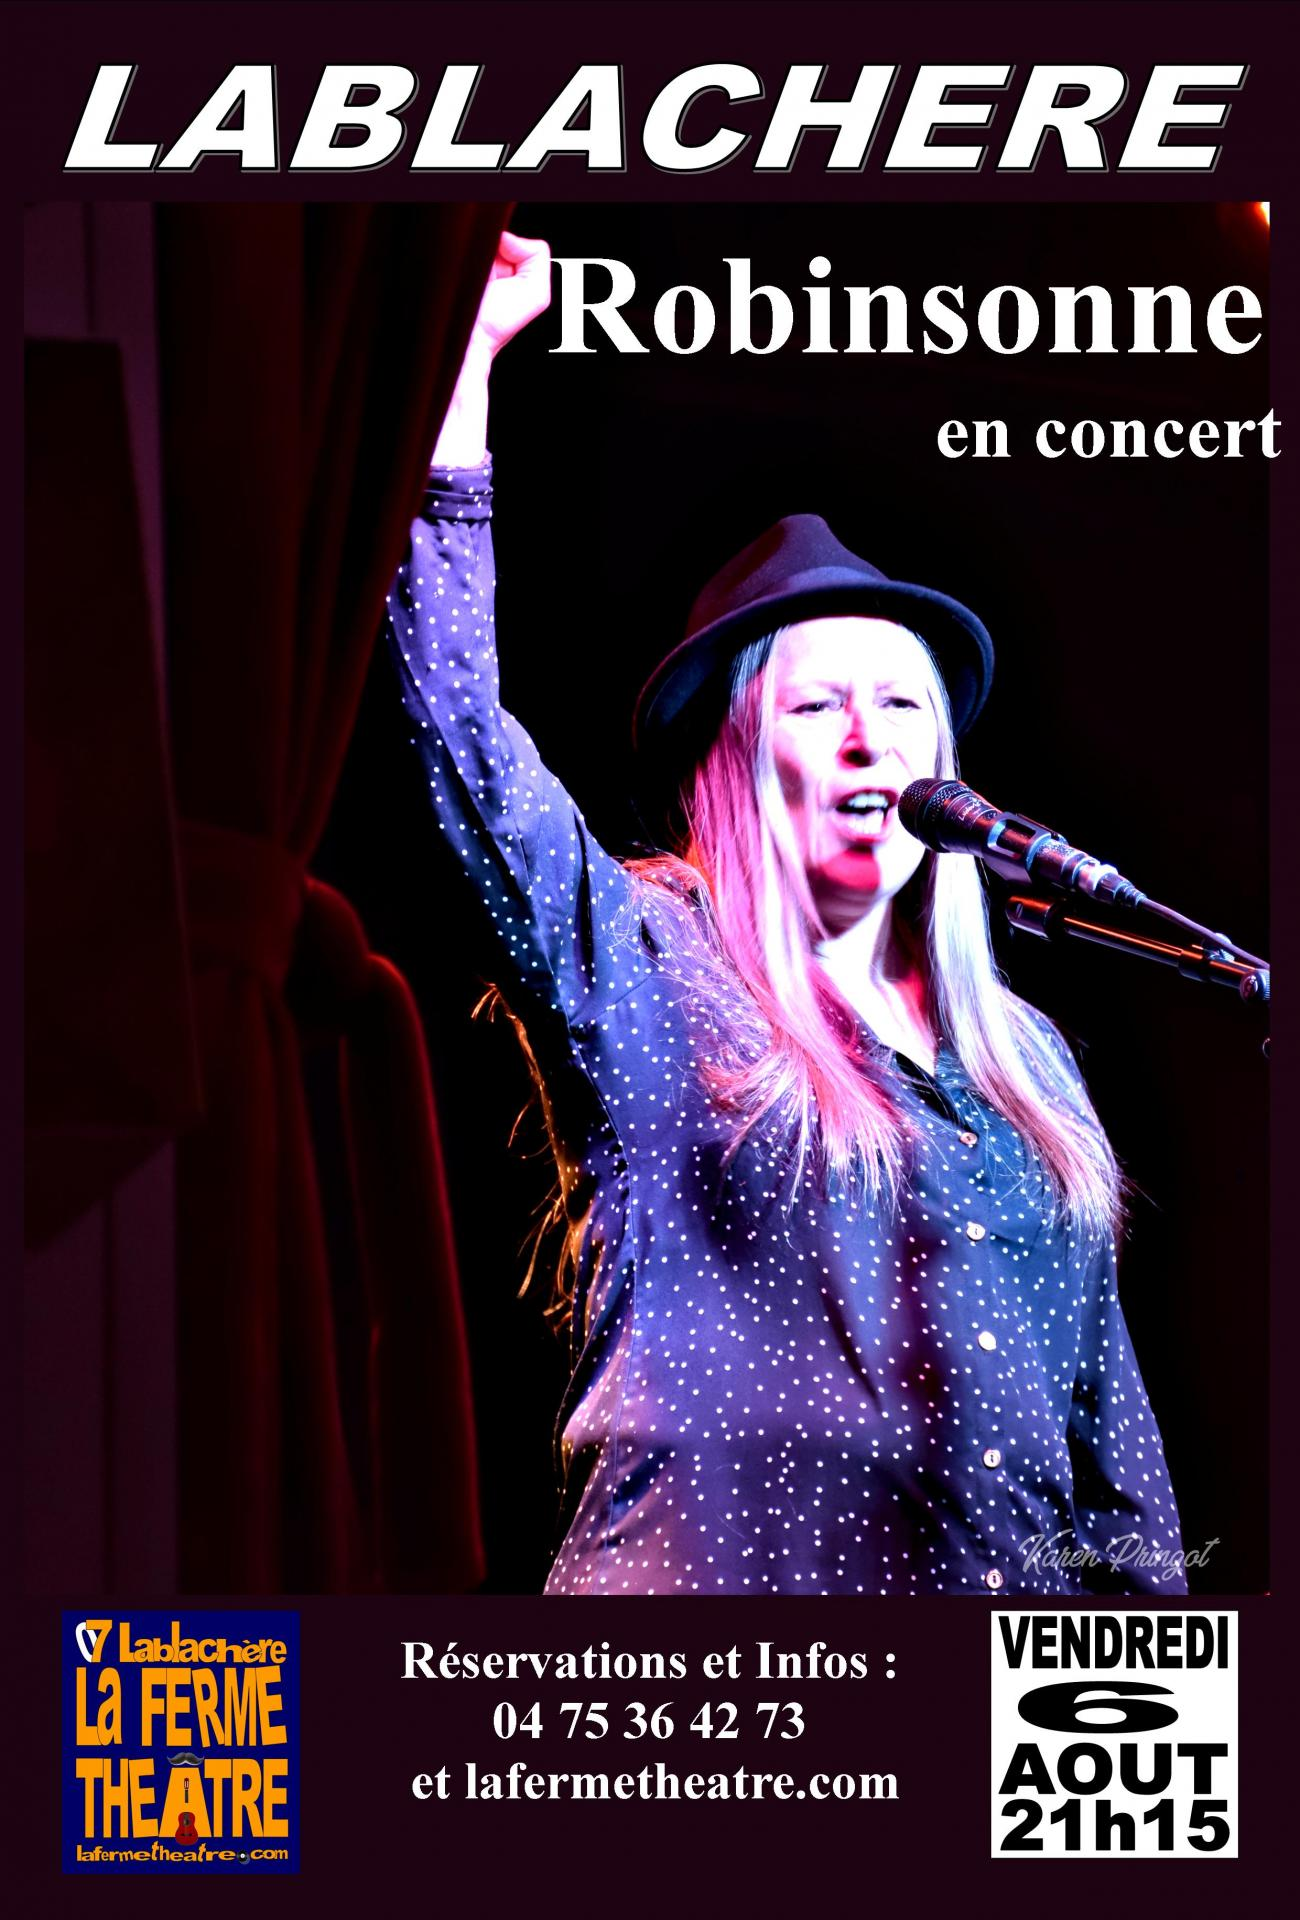 2021 08 06 robinsonne en concert le 6 aout 2021 a lablachere